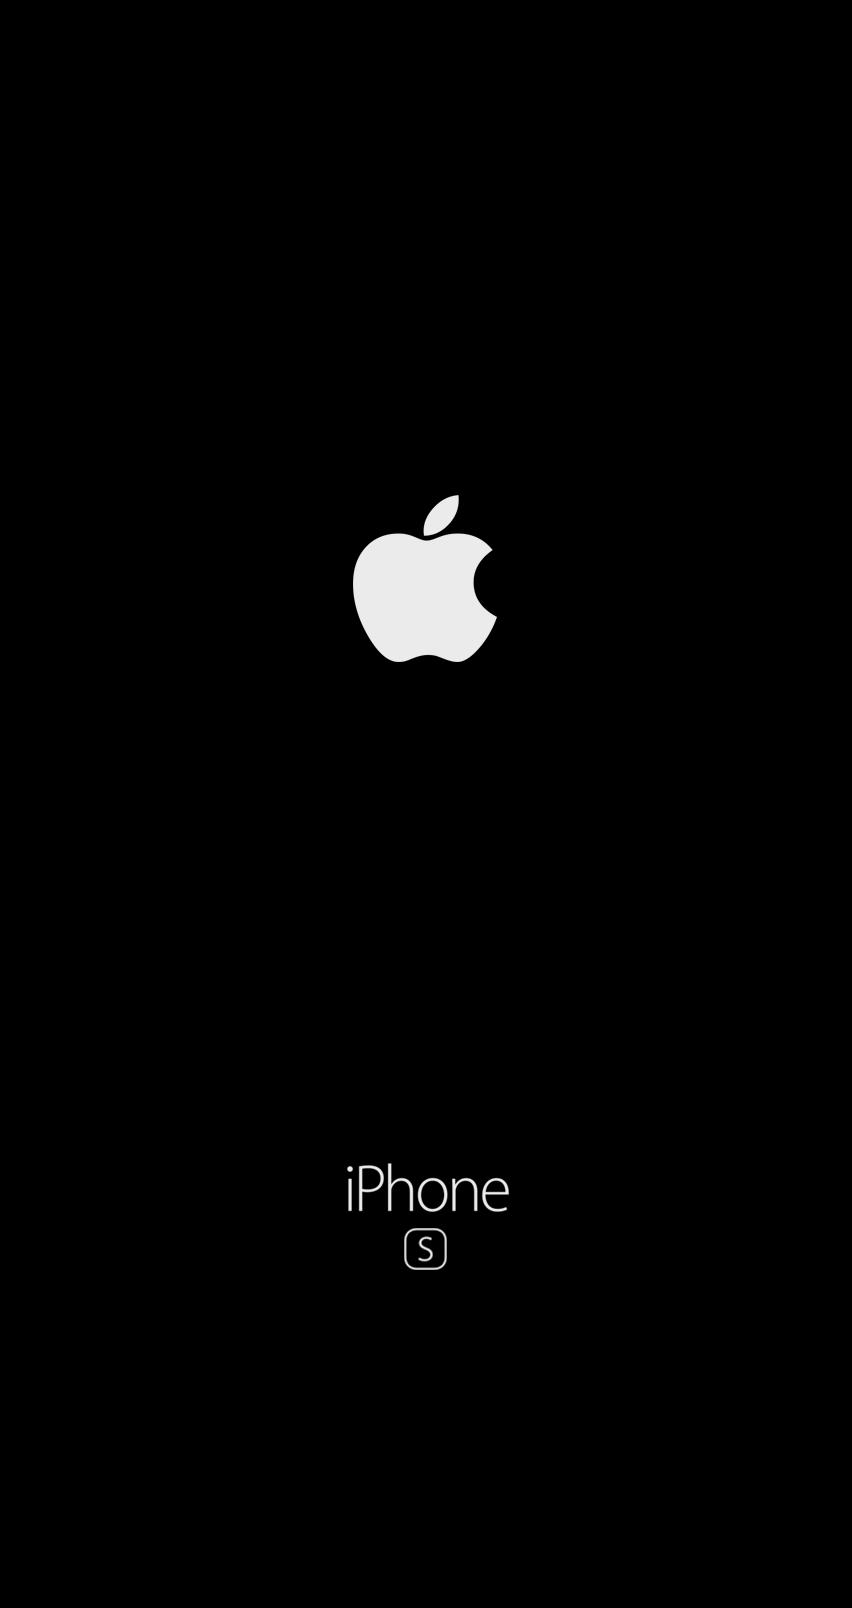 Black Wallpaper Iphone Blackwallpaperiphone Black Wallpaper Iphone Fullhdwallpaperiph Apple Logo Wallpaper Iphone Black Wallpaper Iphone Iphone 6s Wallpaper